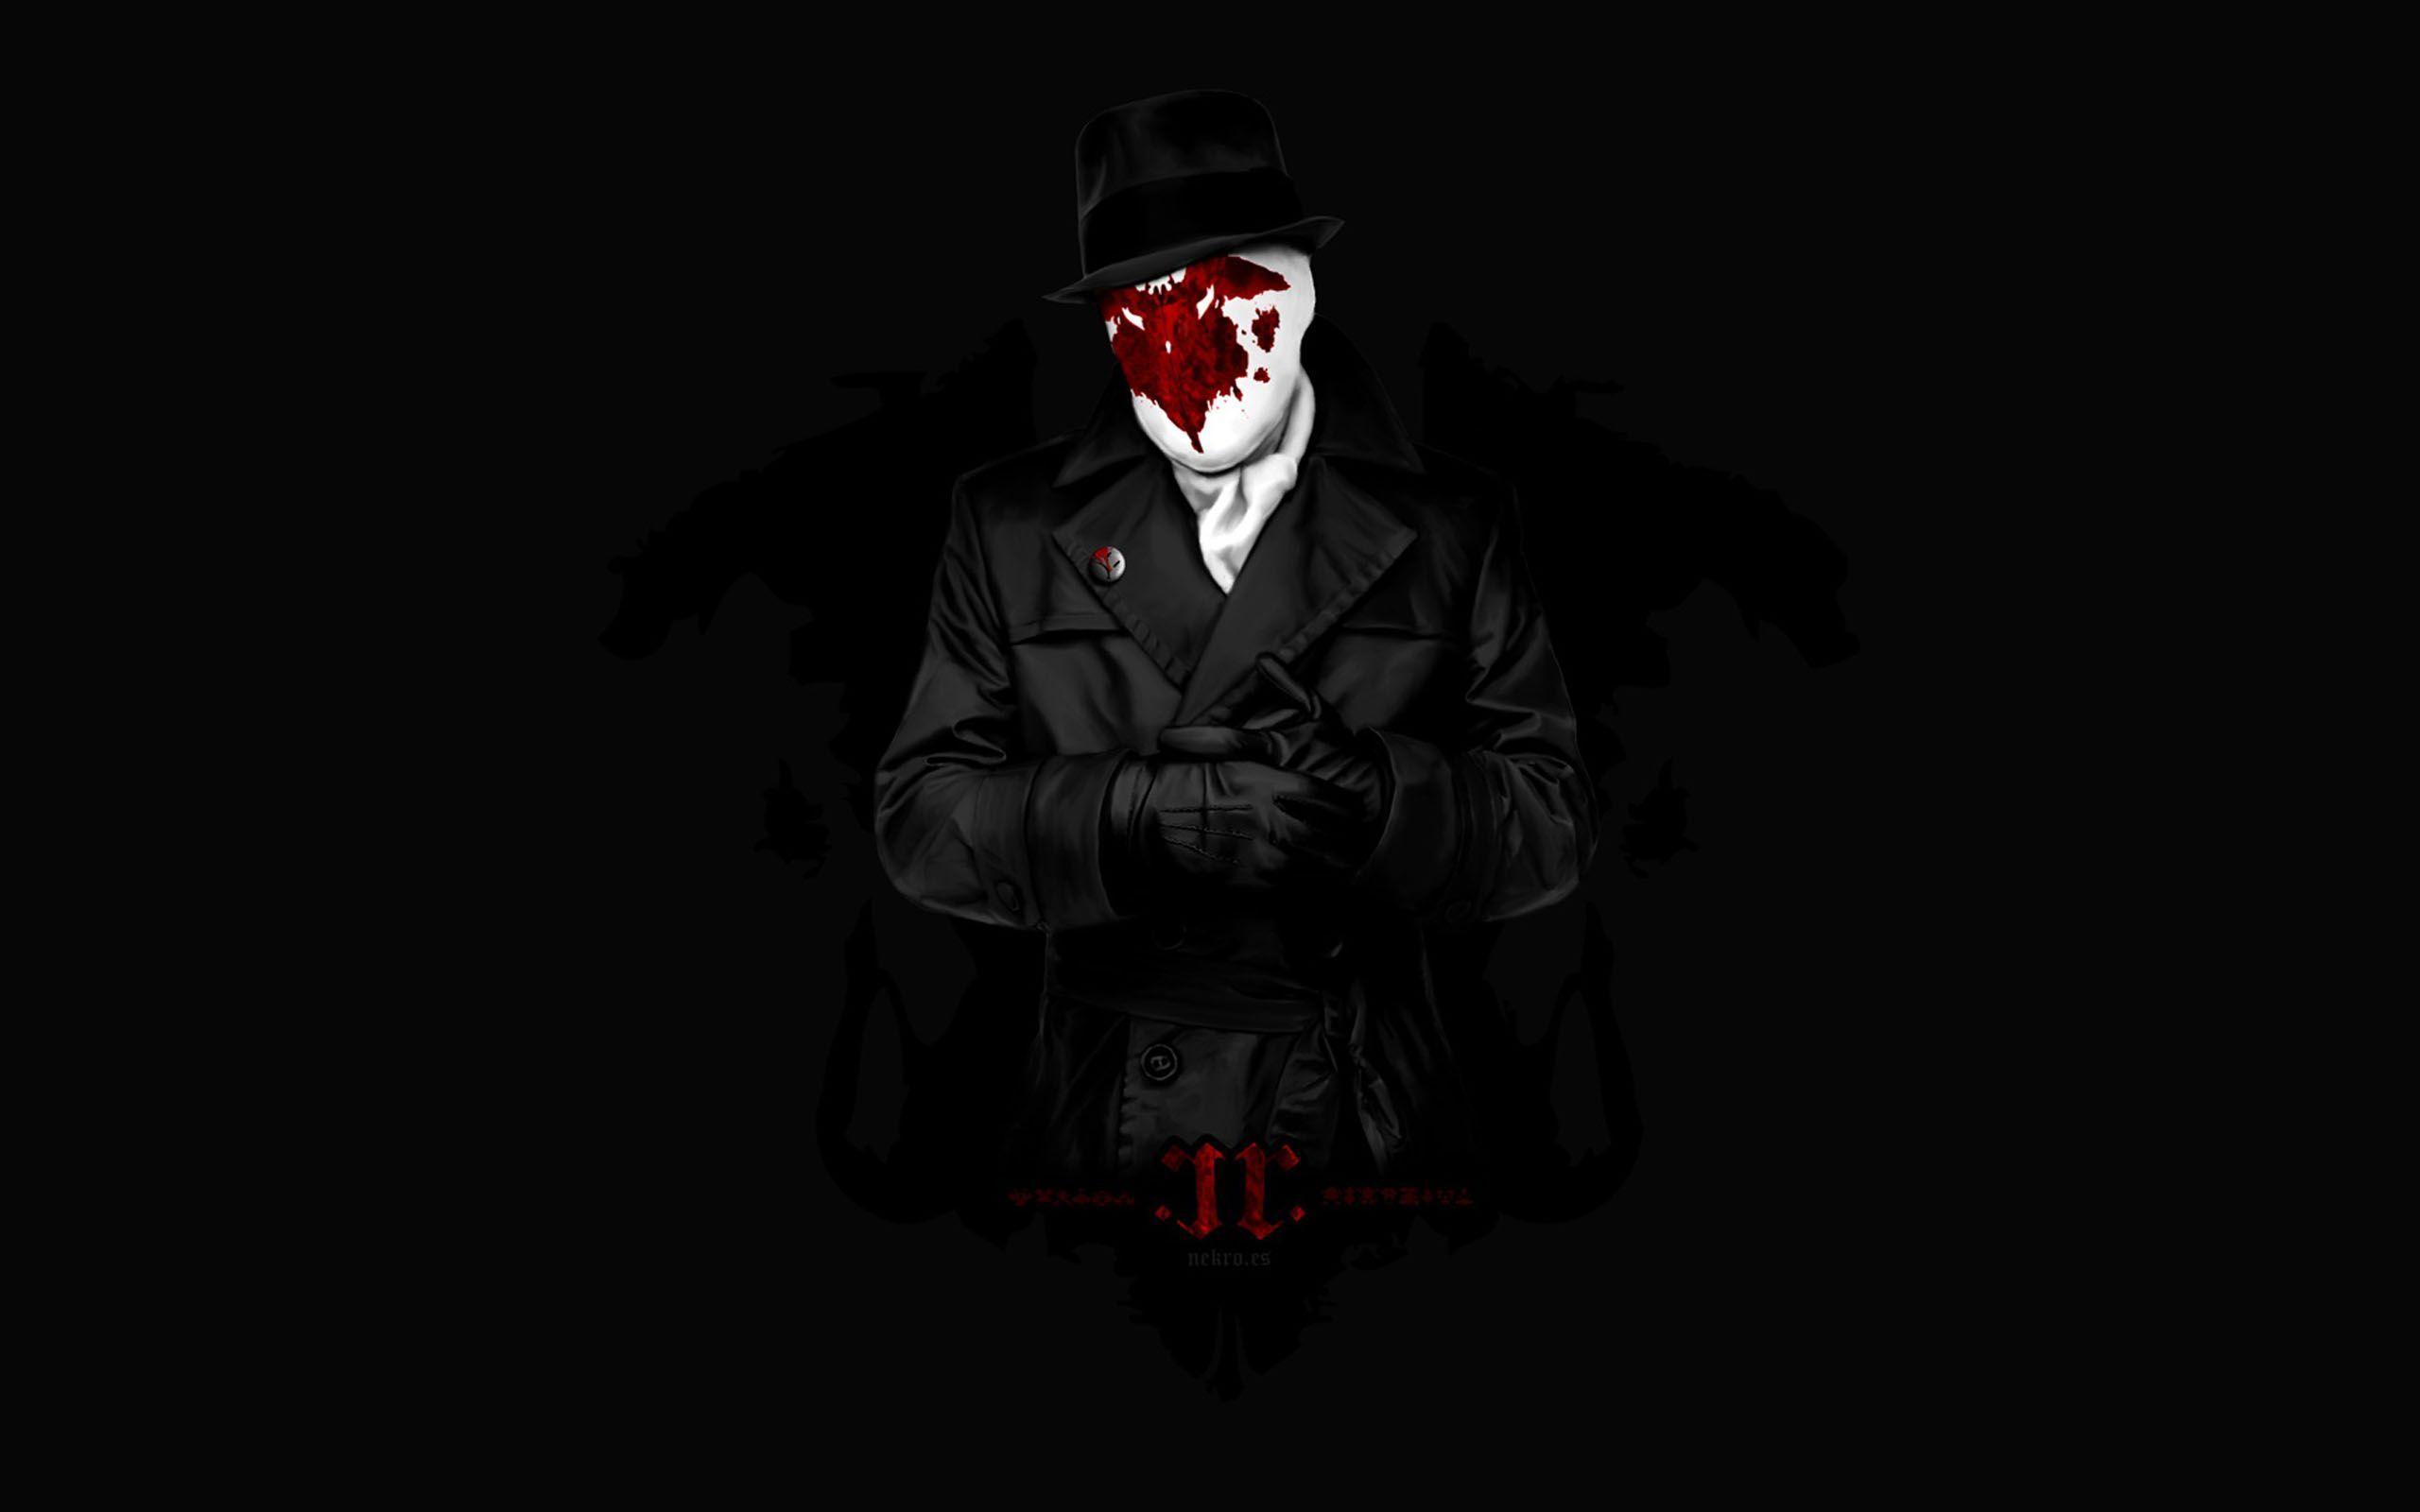 Watchmen Rorschach Wallpaper Buscar Con Google Rorschach Watchmen Rorschach Watchmen